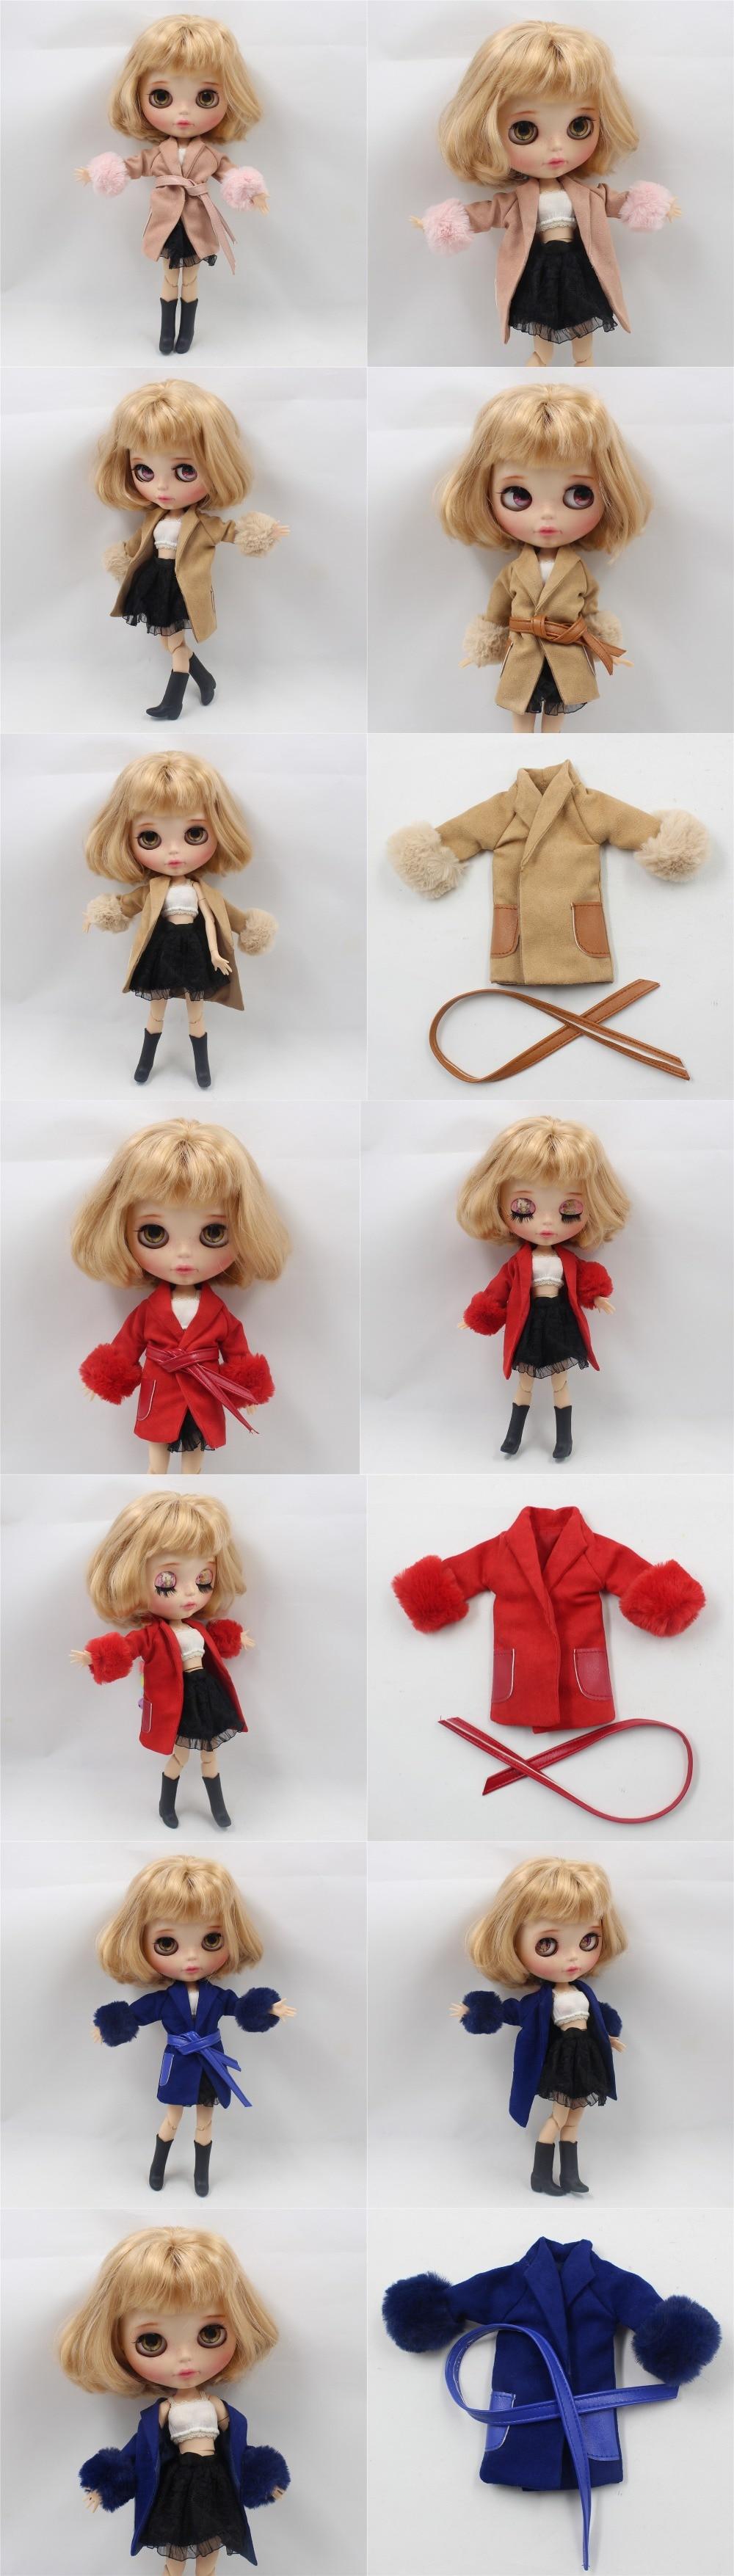 Neo Blythe Doll Jacky Coat with Belt 1